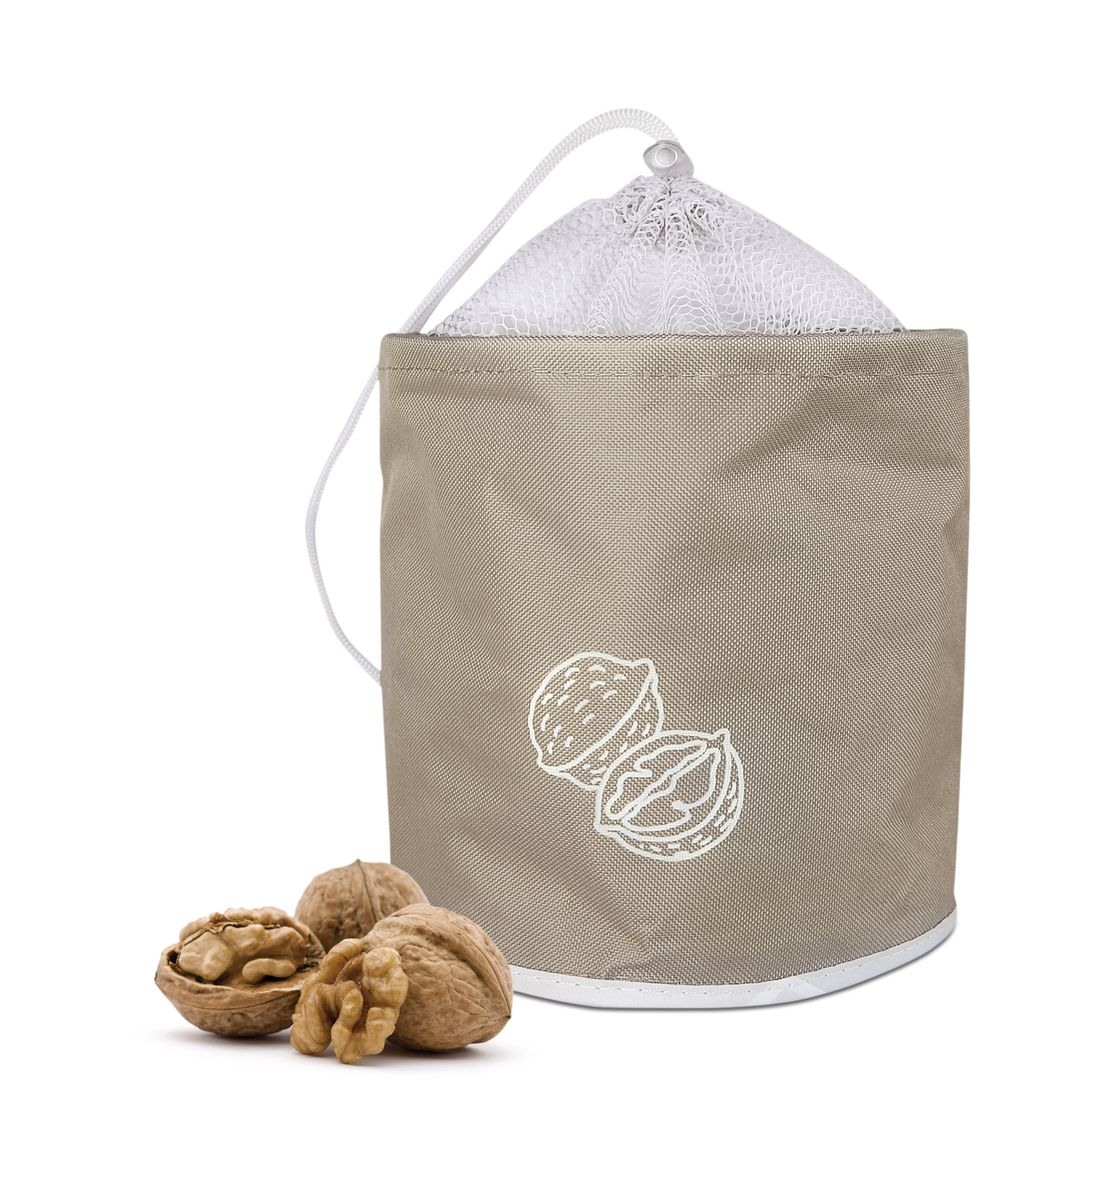 Сумка для хранения орехов Iris Barcelona, до 3 кг, цвет: бежевый bloomingville сумка для хранения plus